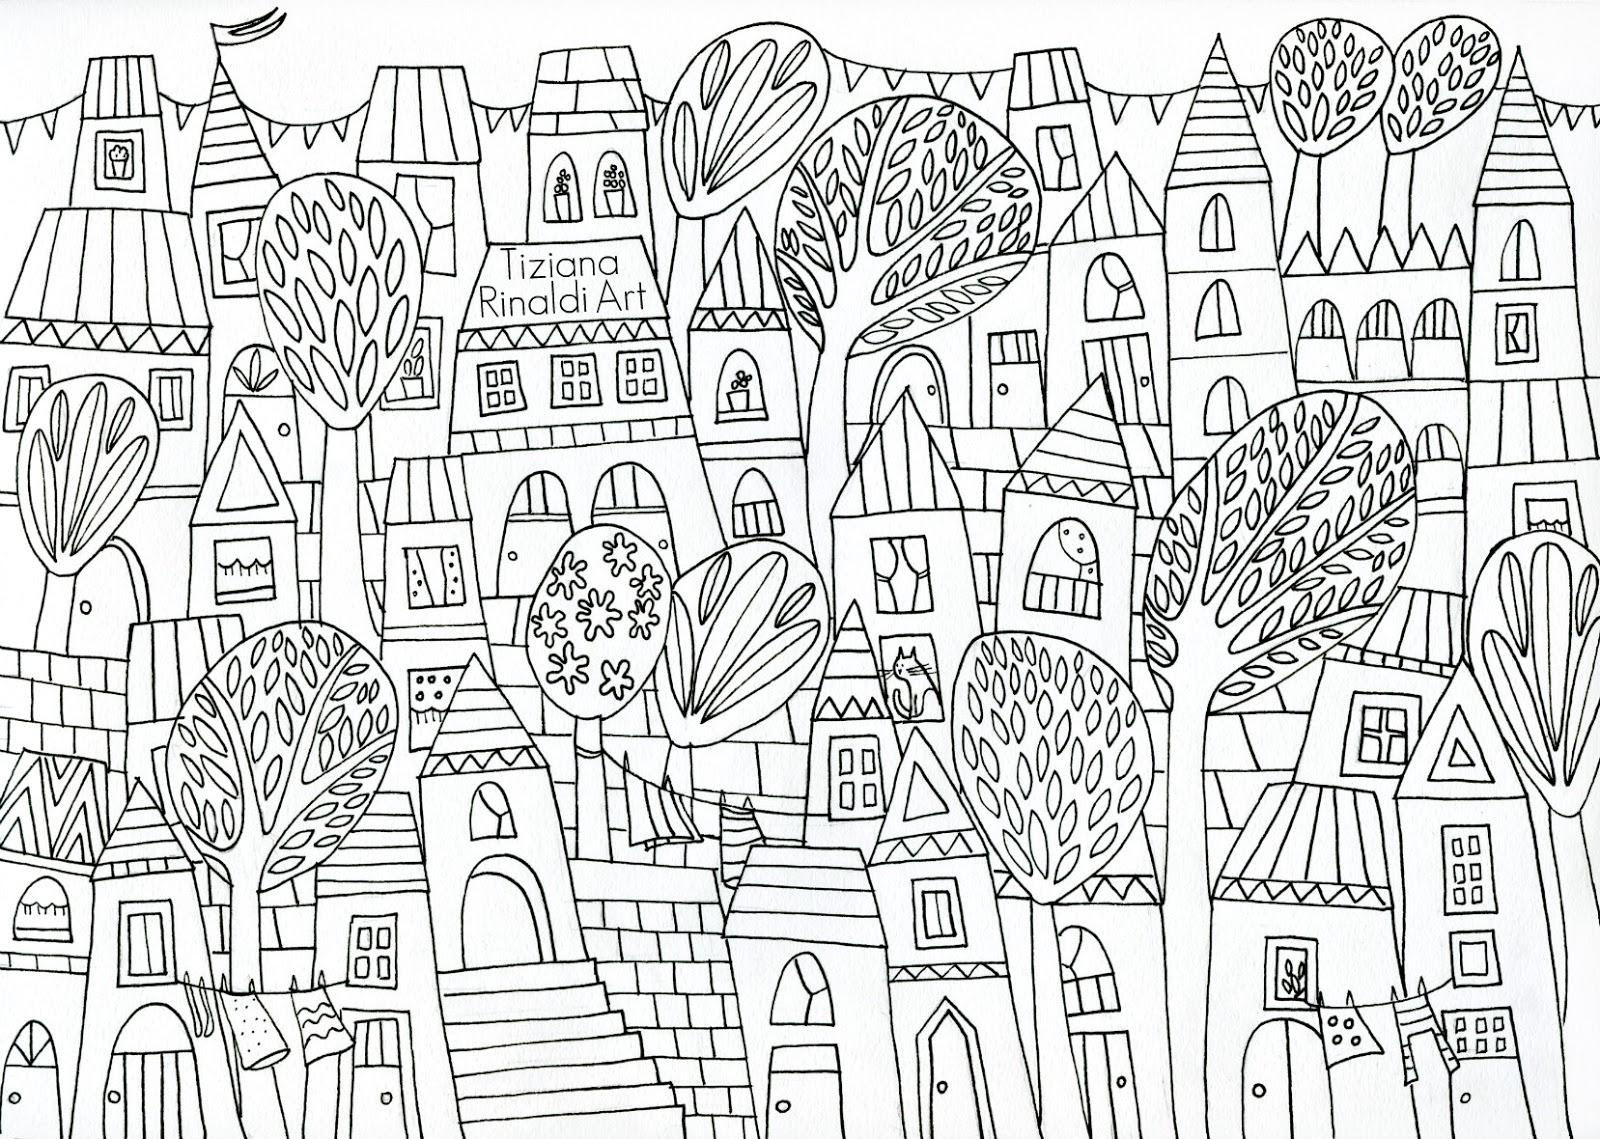 Tiziana rinaldi art 772 the happy village l 39 immagine for Disegni per la casa degli artigiani